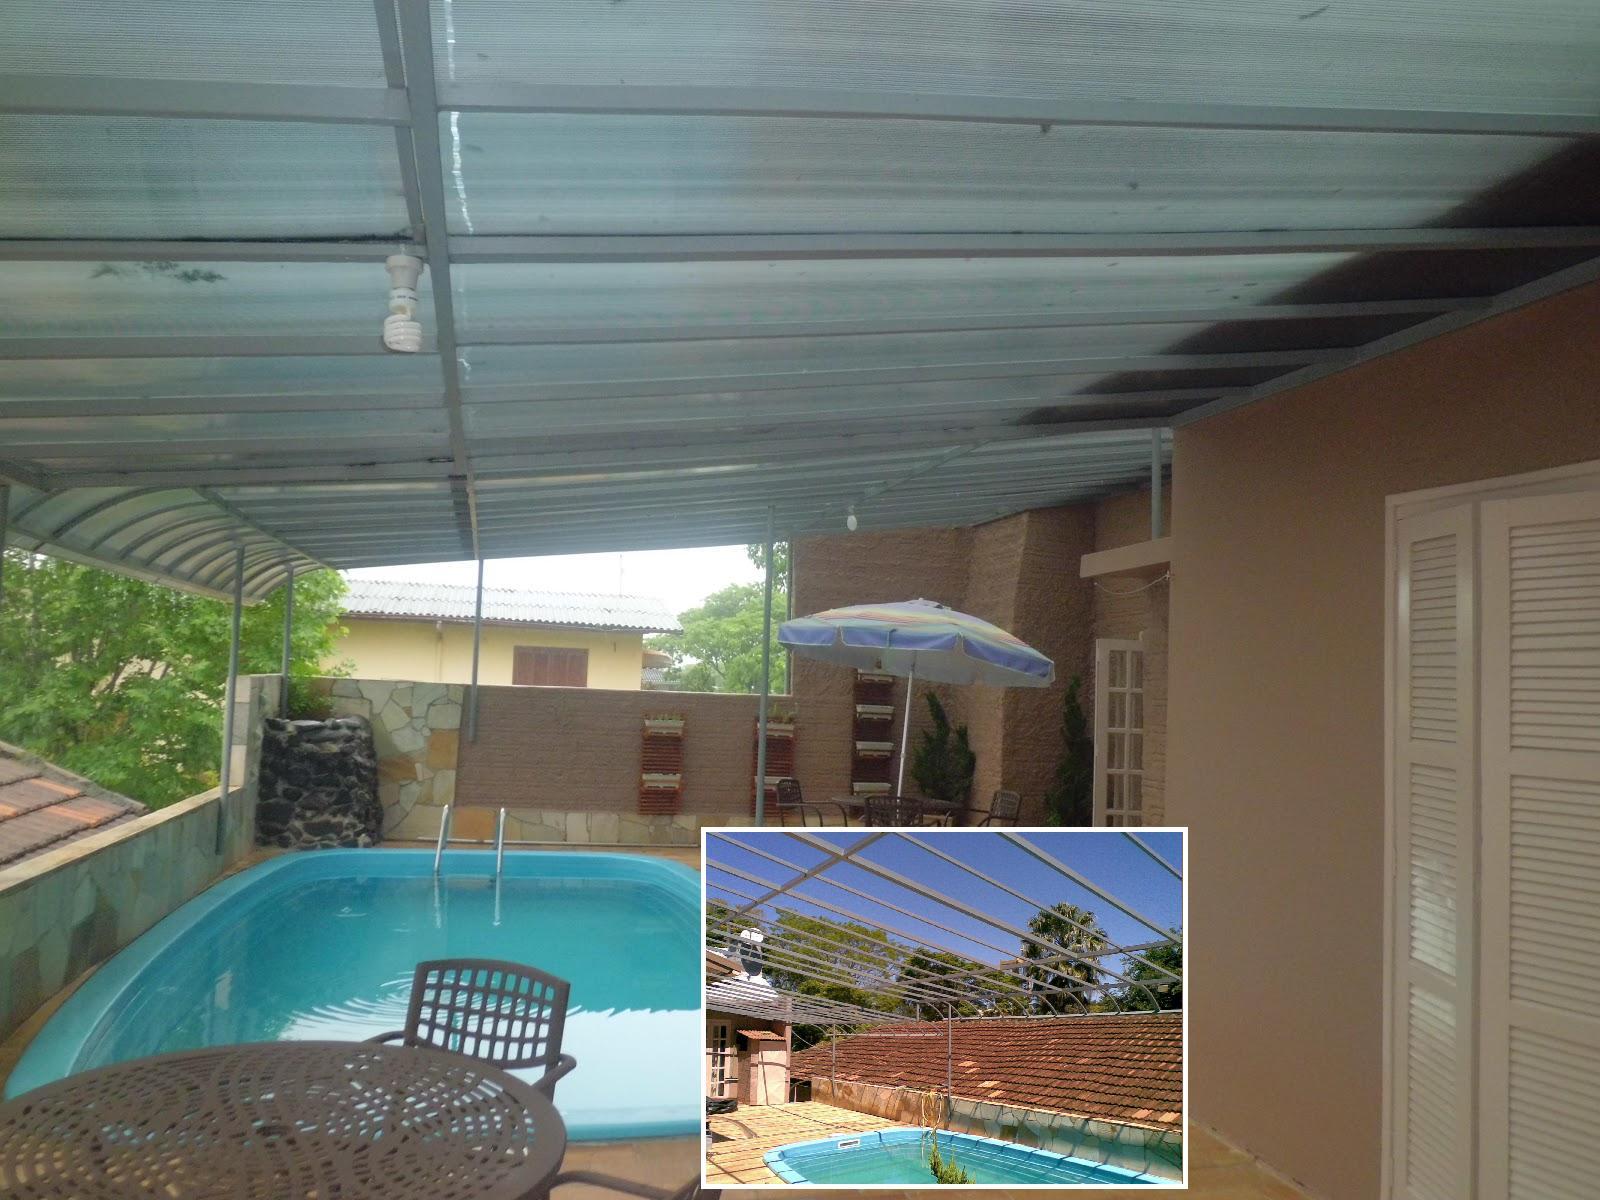 Cobertura fixa para piscina - Toldo para piscina ...